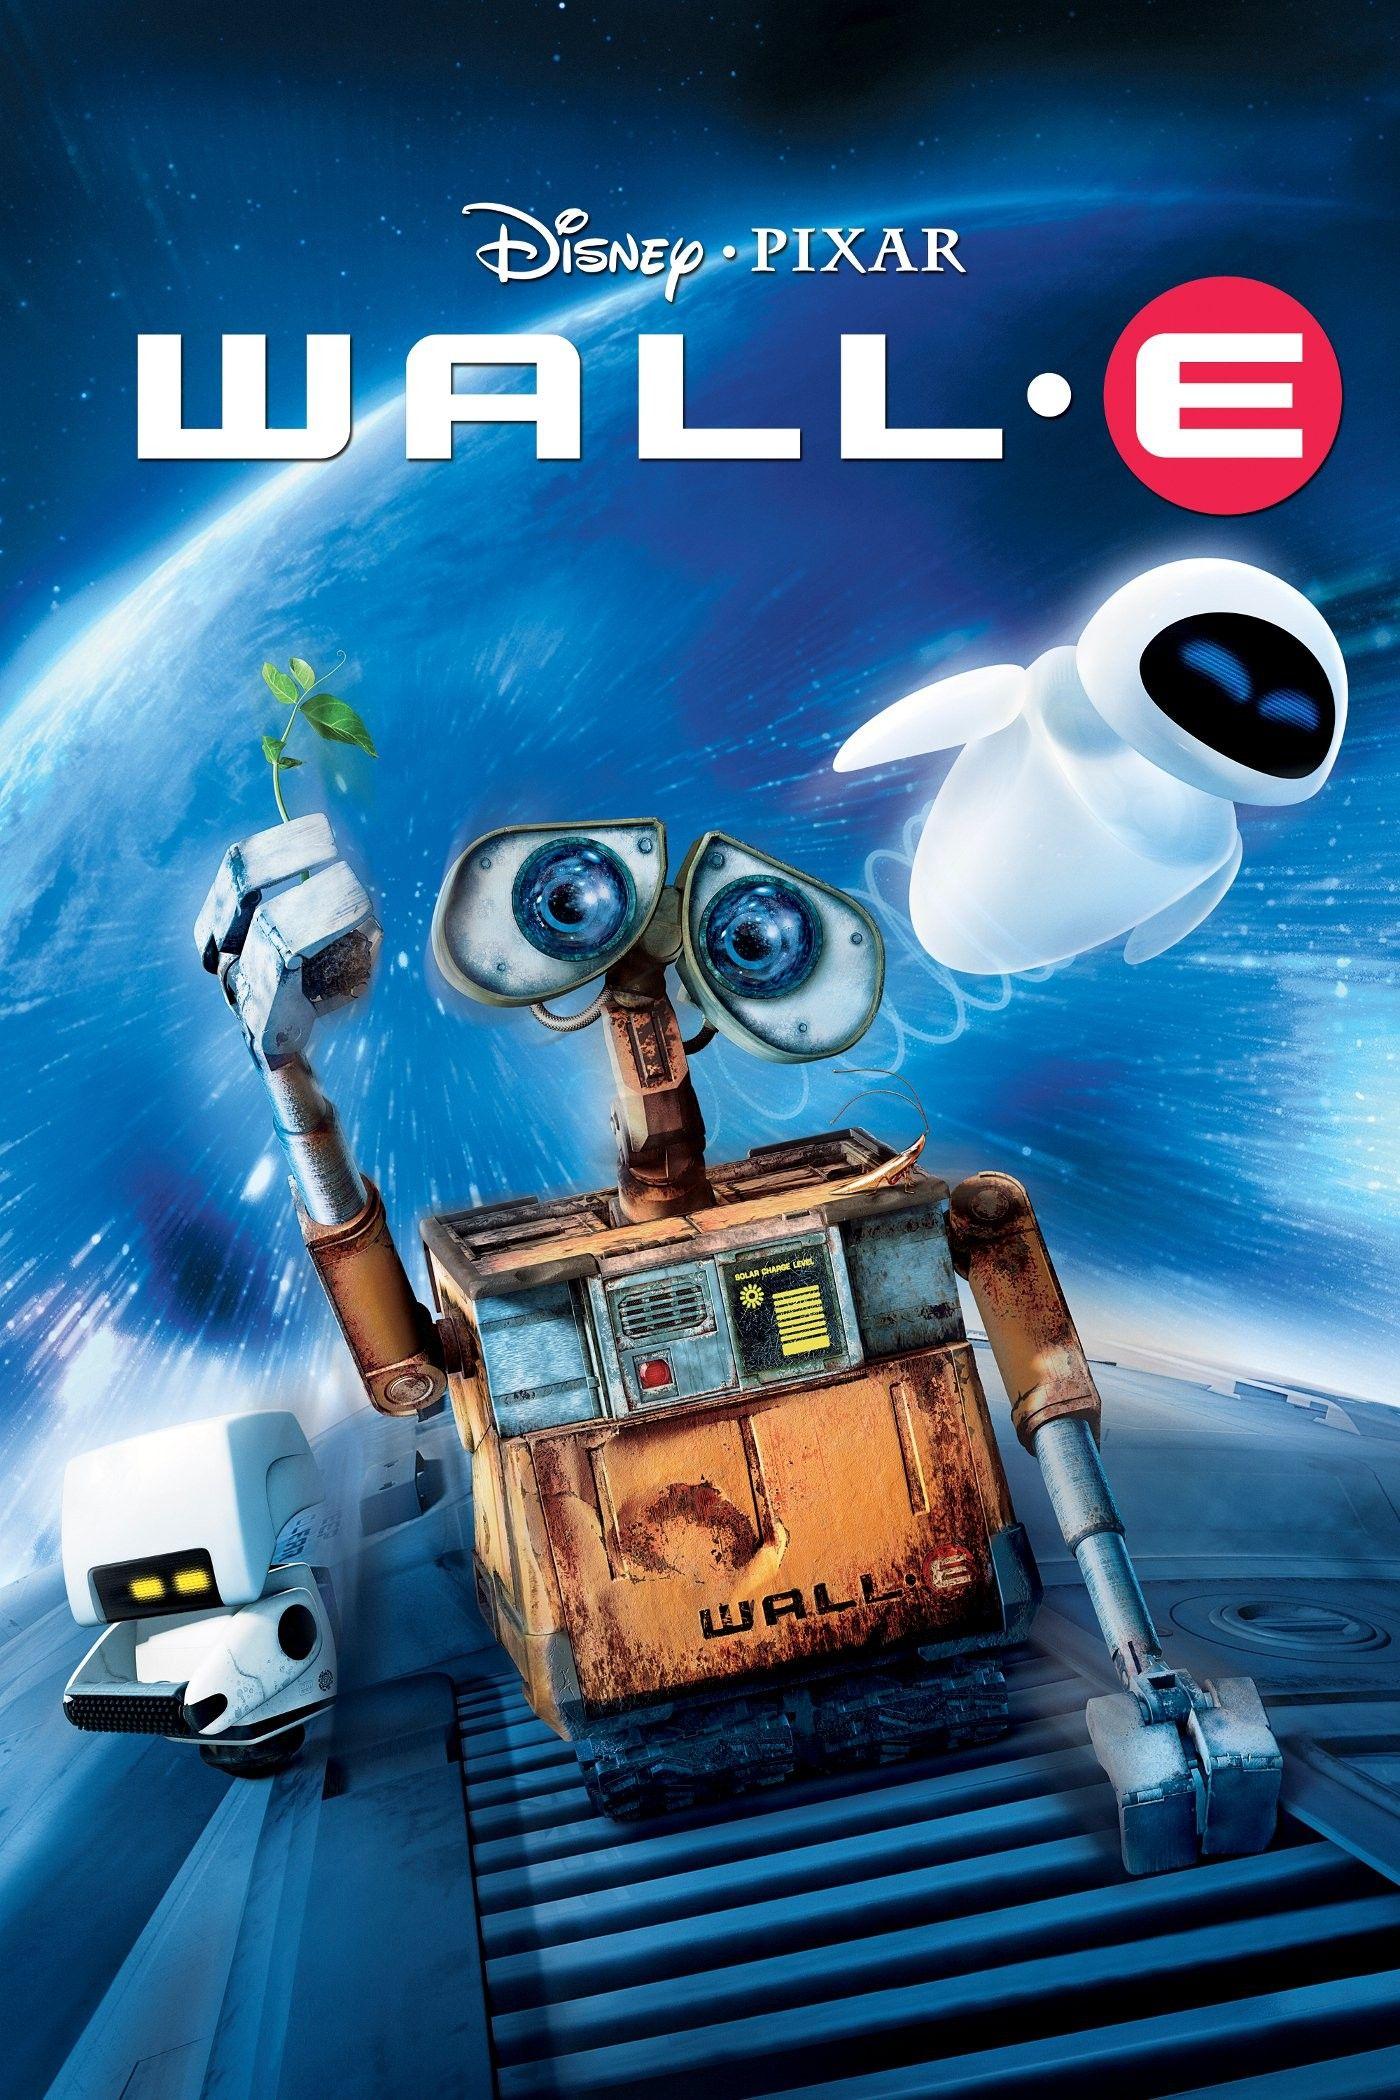 Wall E Der Letzte Raumt Die Erde Auf Kostenlos Online Anschauen 2008 Hd Full Film Deutsch Wall E Movie Kids Movies Pixar Movies